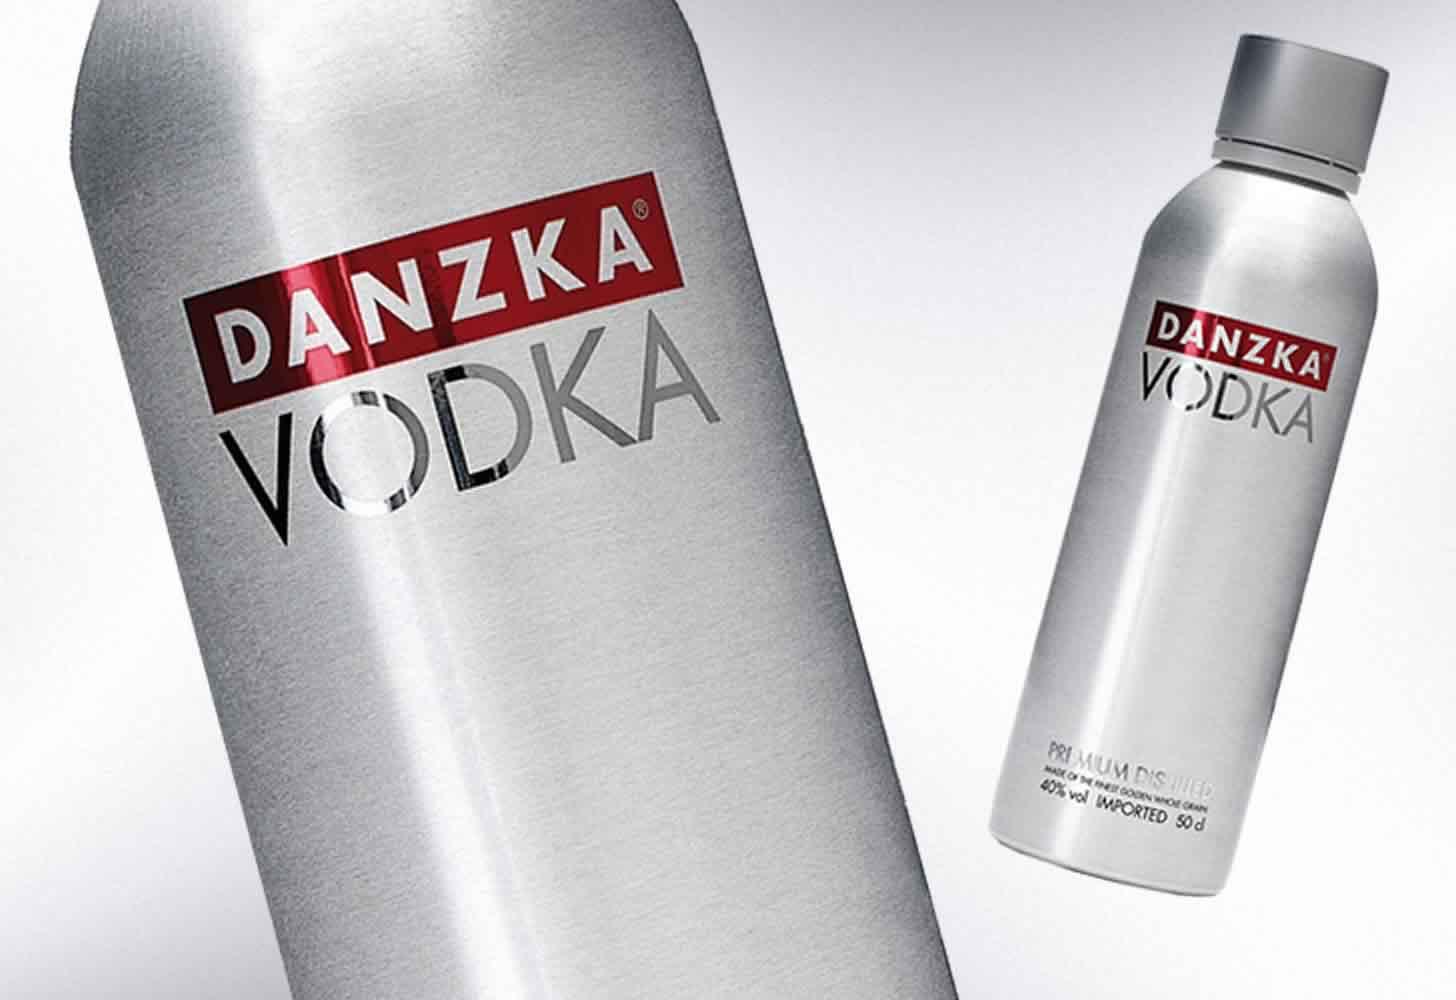 Водка Danzka: история, обзор видов, как и с чем пить + как отличить подделку